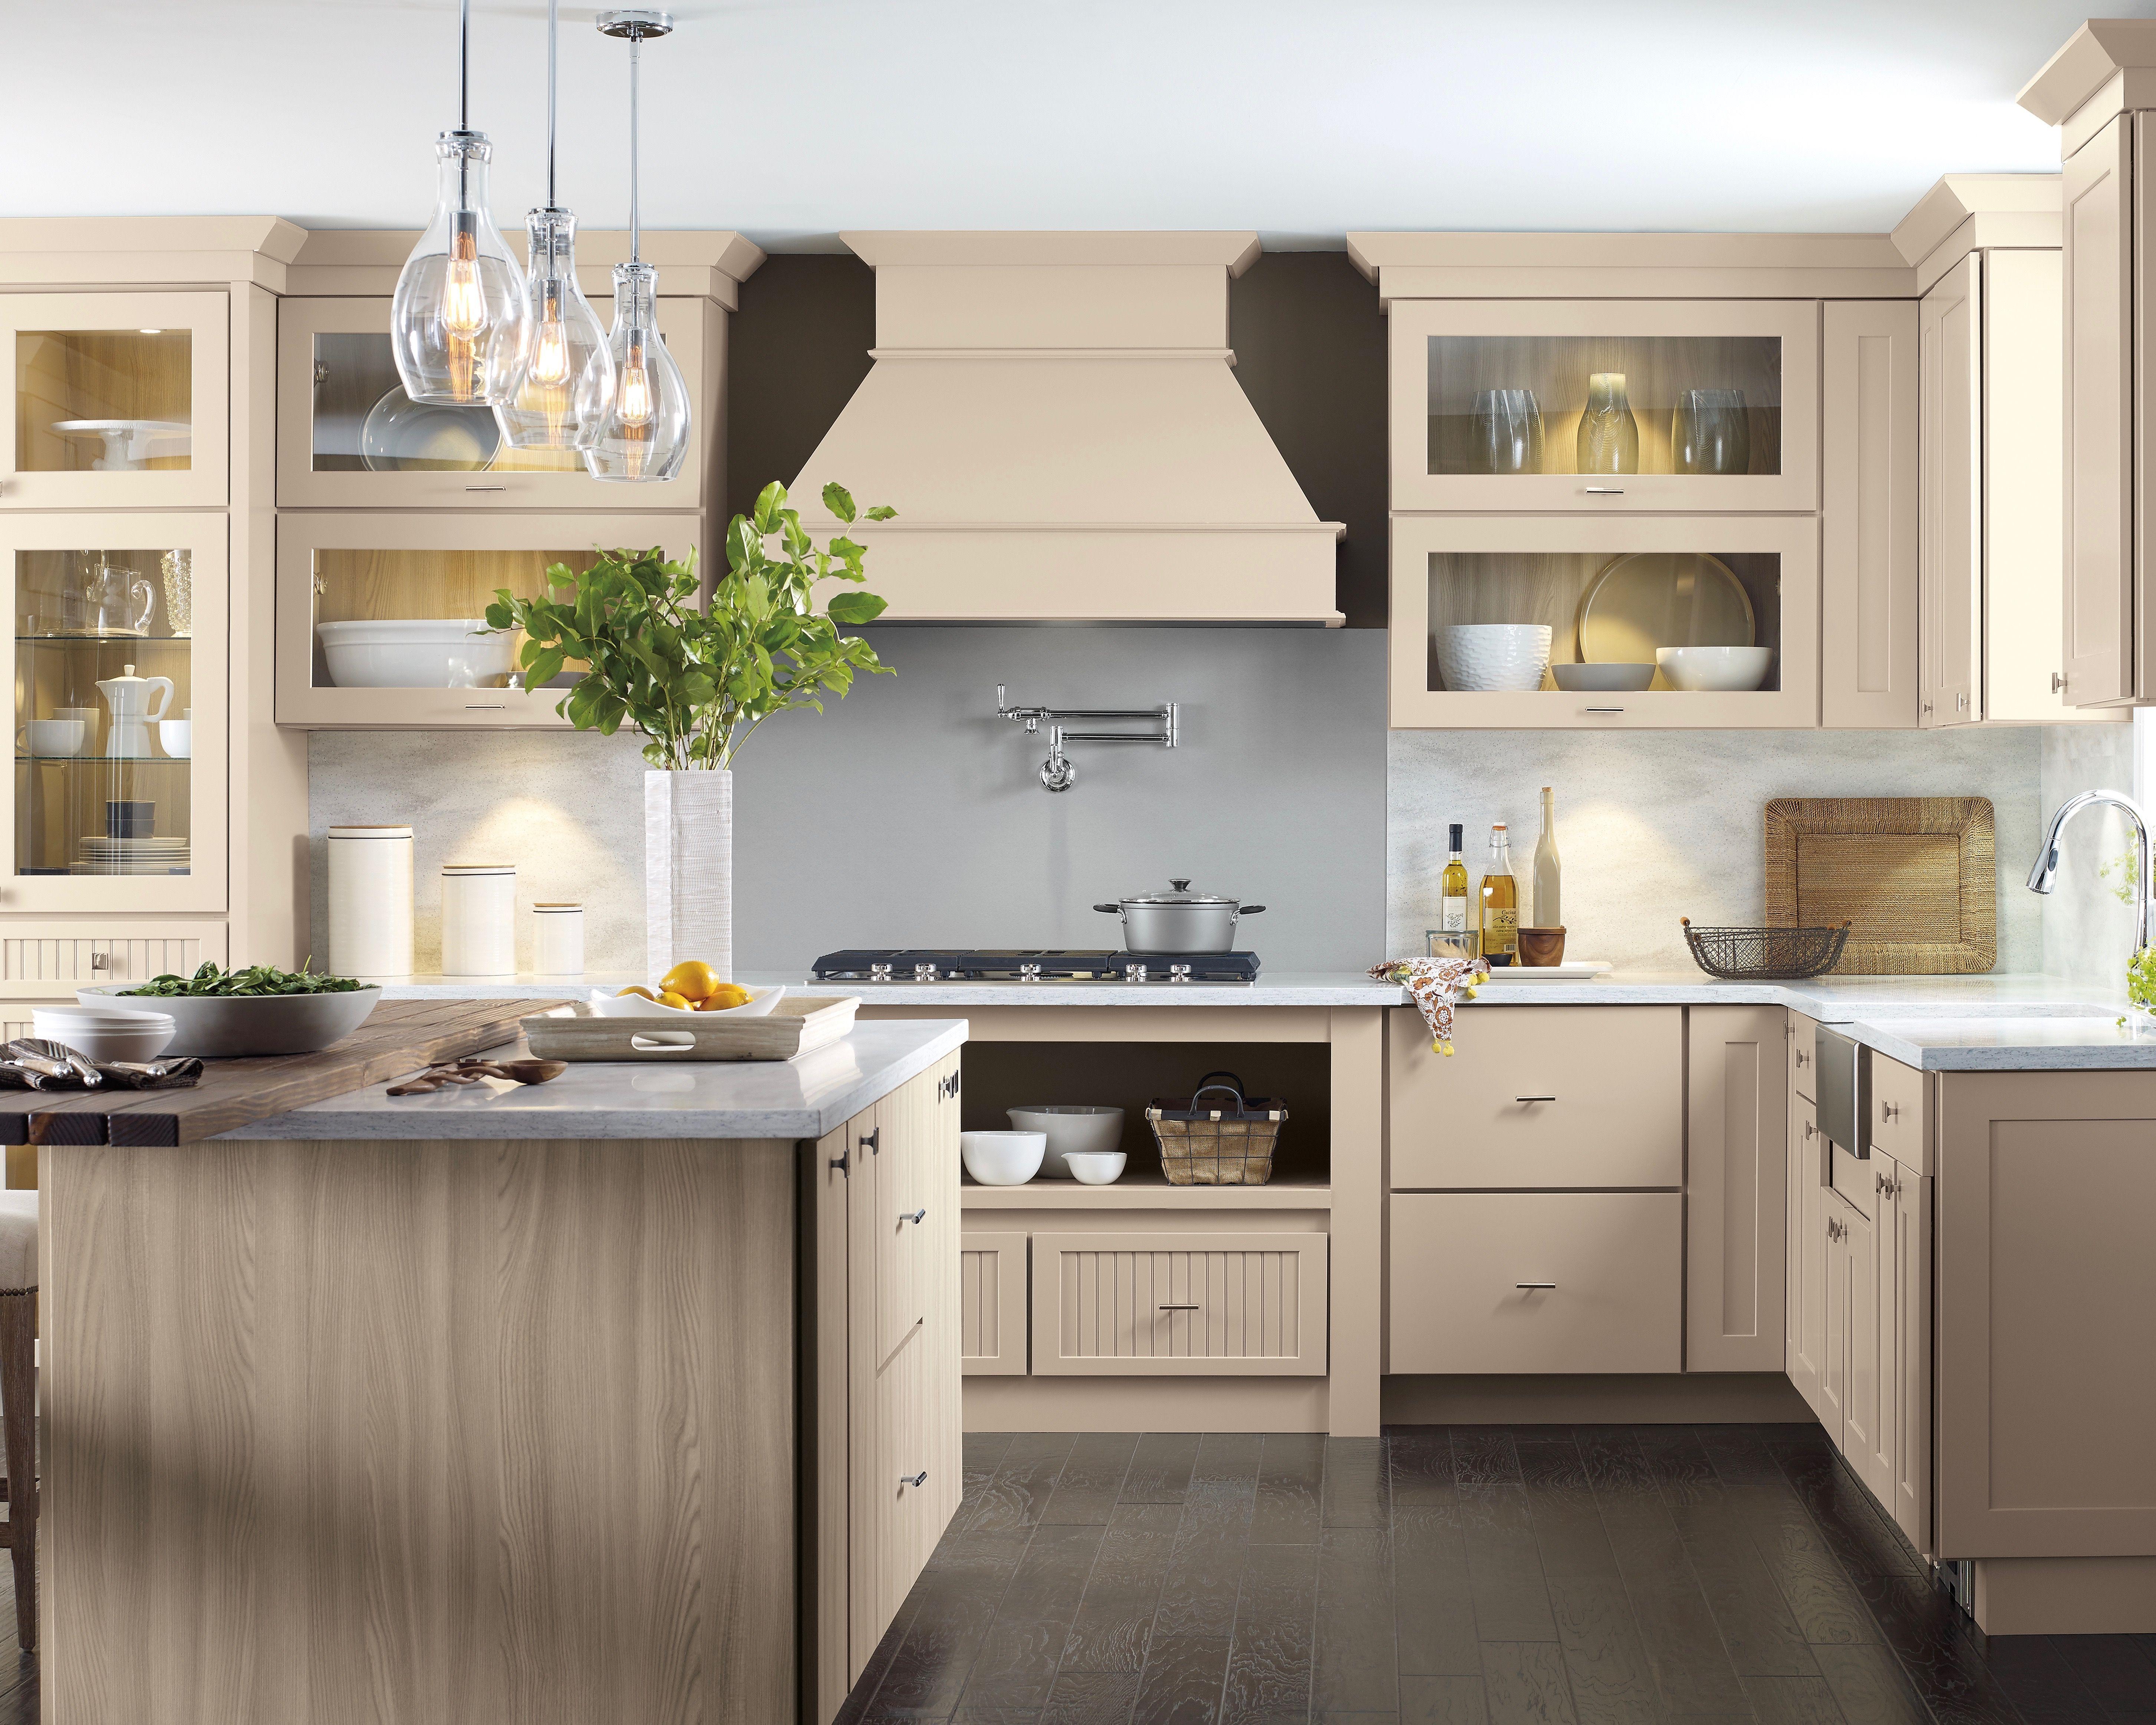 Home Beige Cabinets Laminate Kitchen